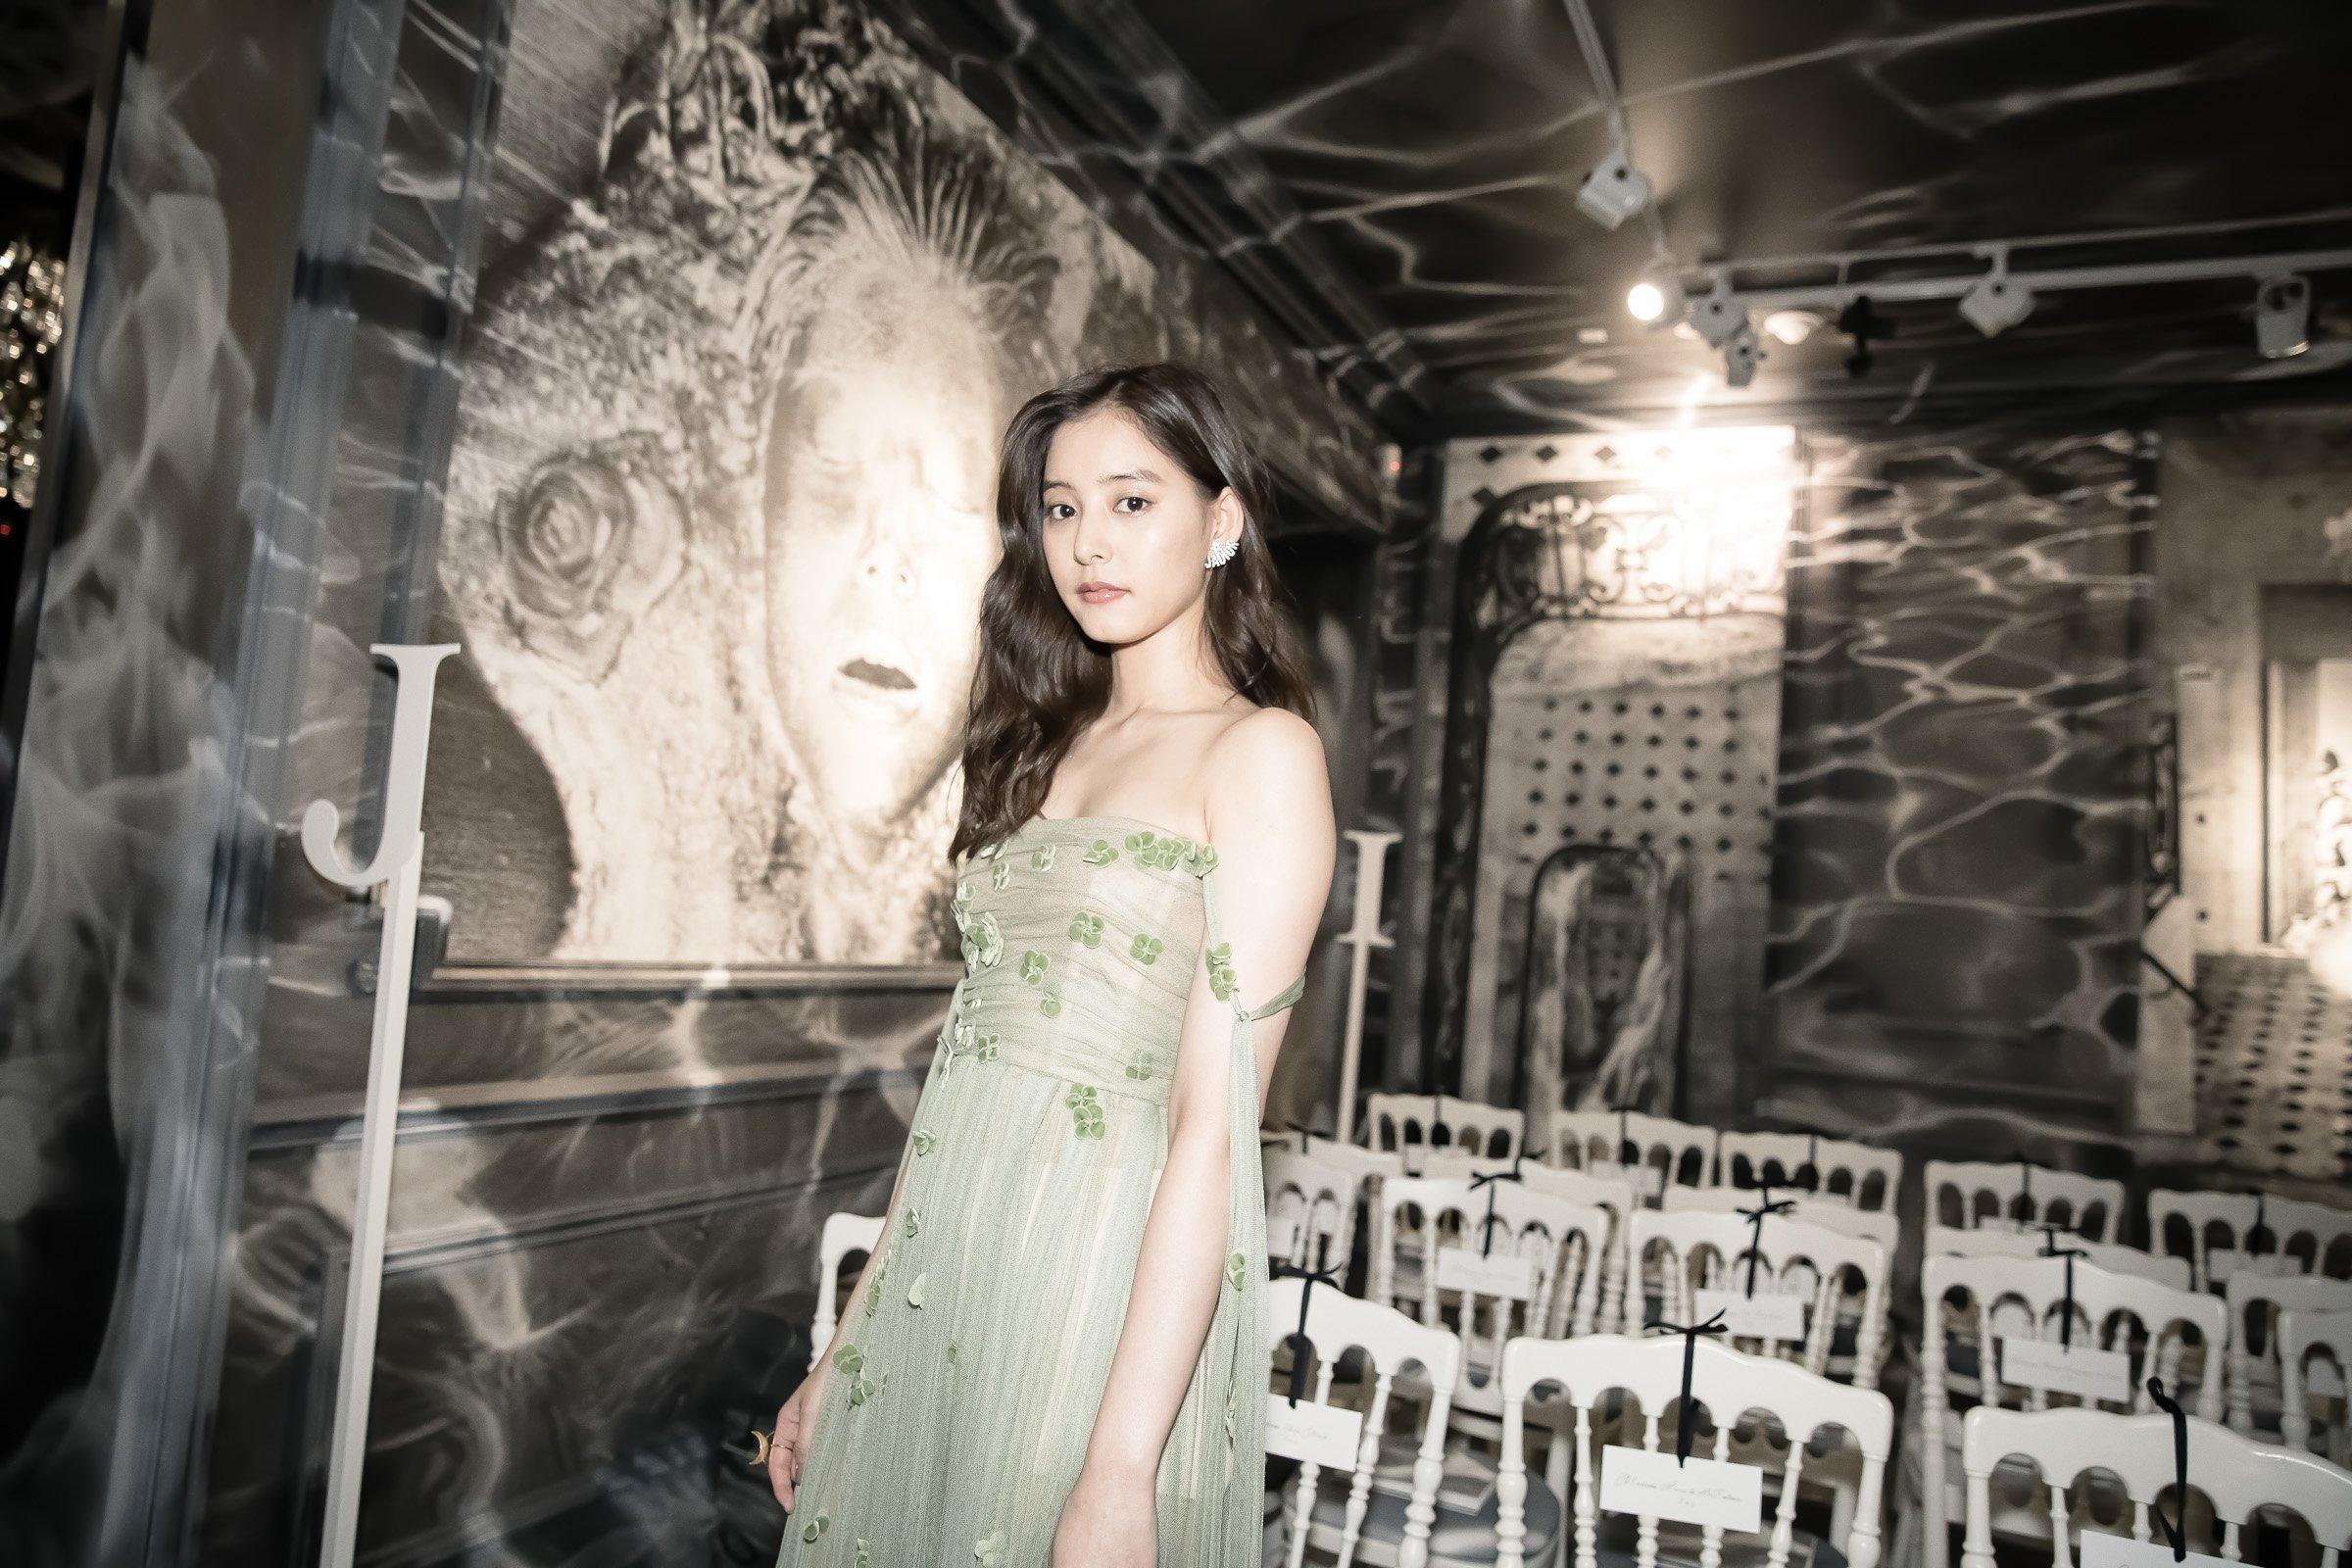 新木優子のdiorのドレスが綺麗!アンバサダーに抜擢!コスメを紹介